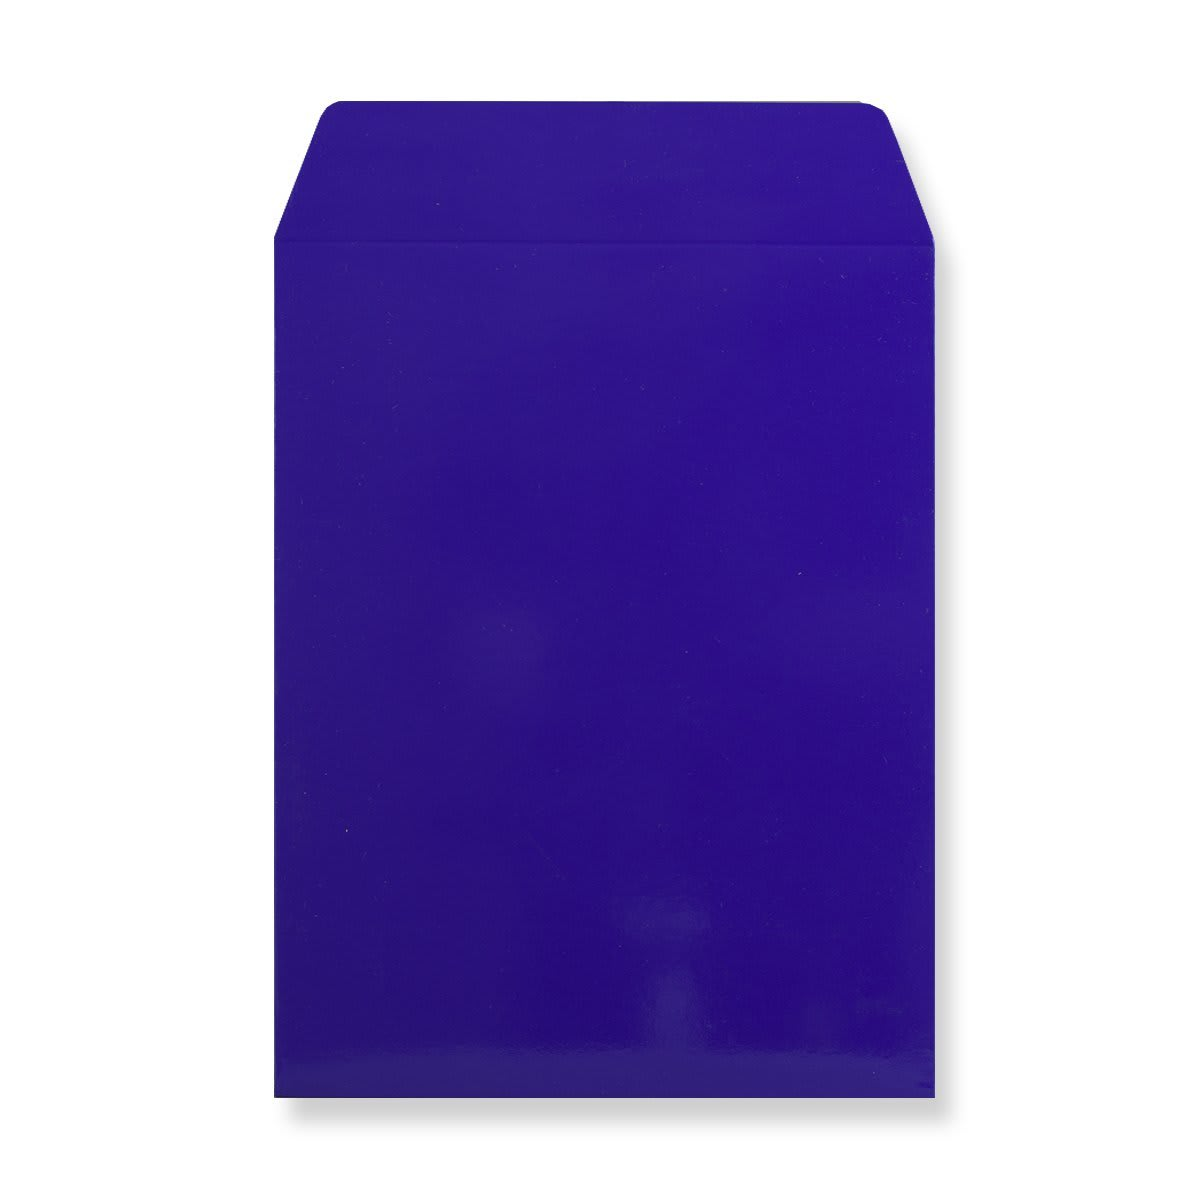 C4 BLUE ALL BOARD ENVELOPES